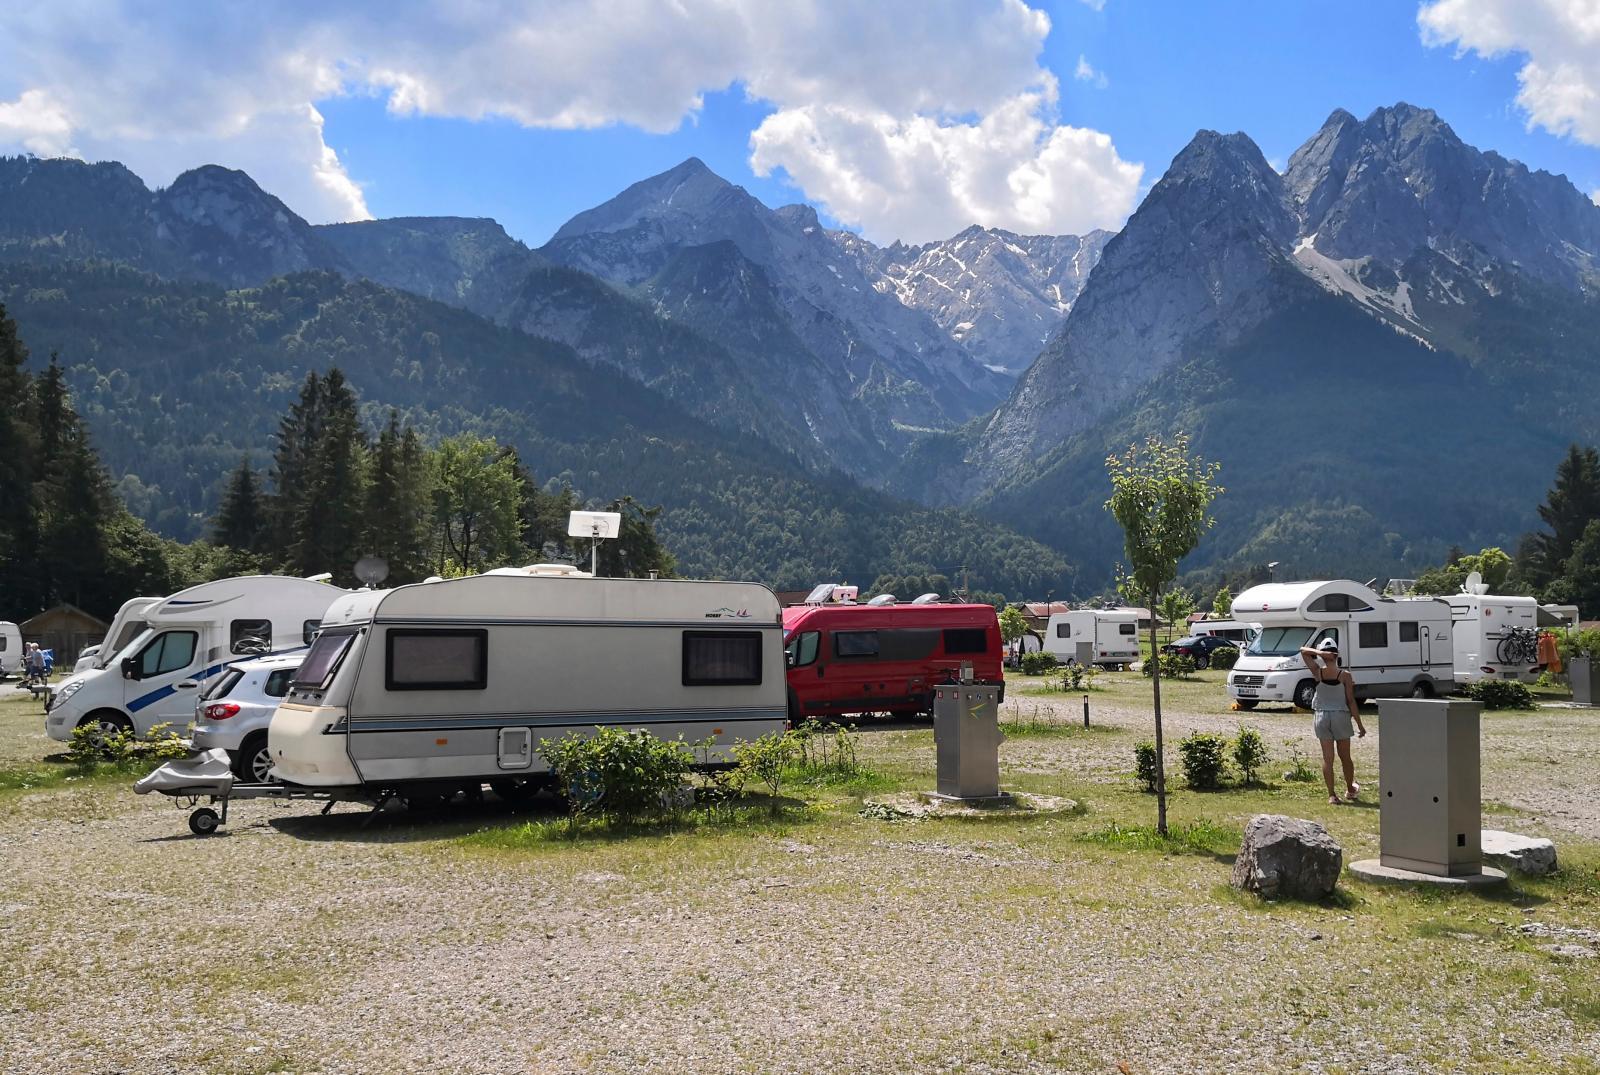 Här en bild från femstjärniga campingen. Underlag och platser ser inte ut att tillhöra en av Europas dyraste campingar.